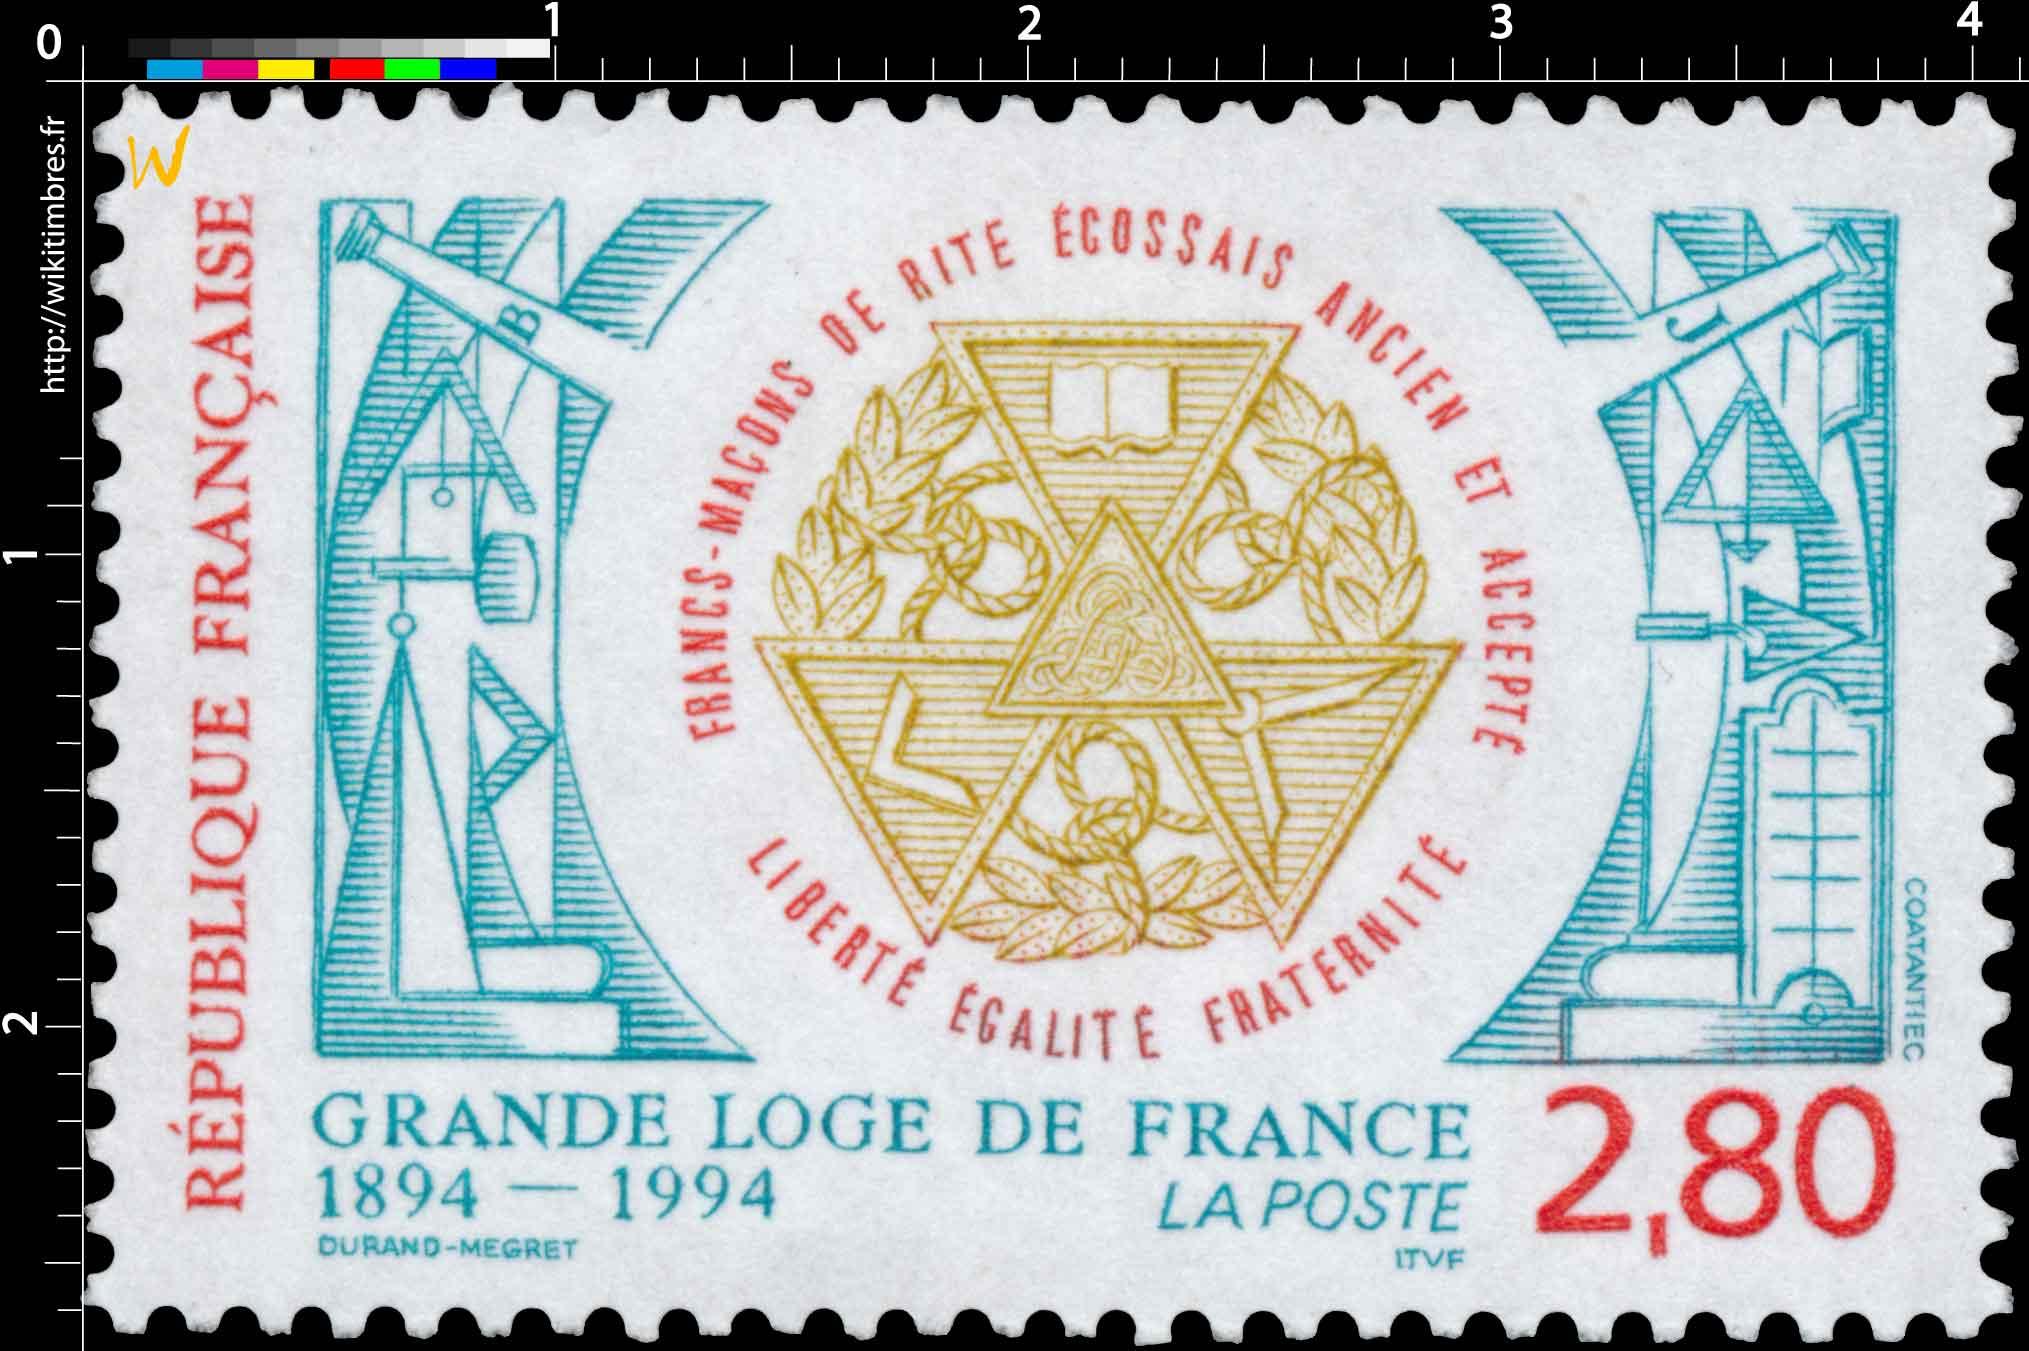 GRANDE LOGE DE FRANCE 1894-1994 FRANC-MAÇON DE RITE ÉCOSSAIS ANCIEN ET ACCEPTE LIBERTÉ EGALITE FRATERNITÉ